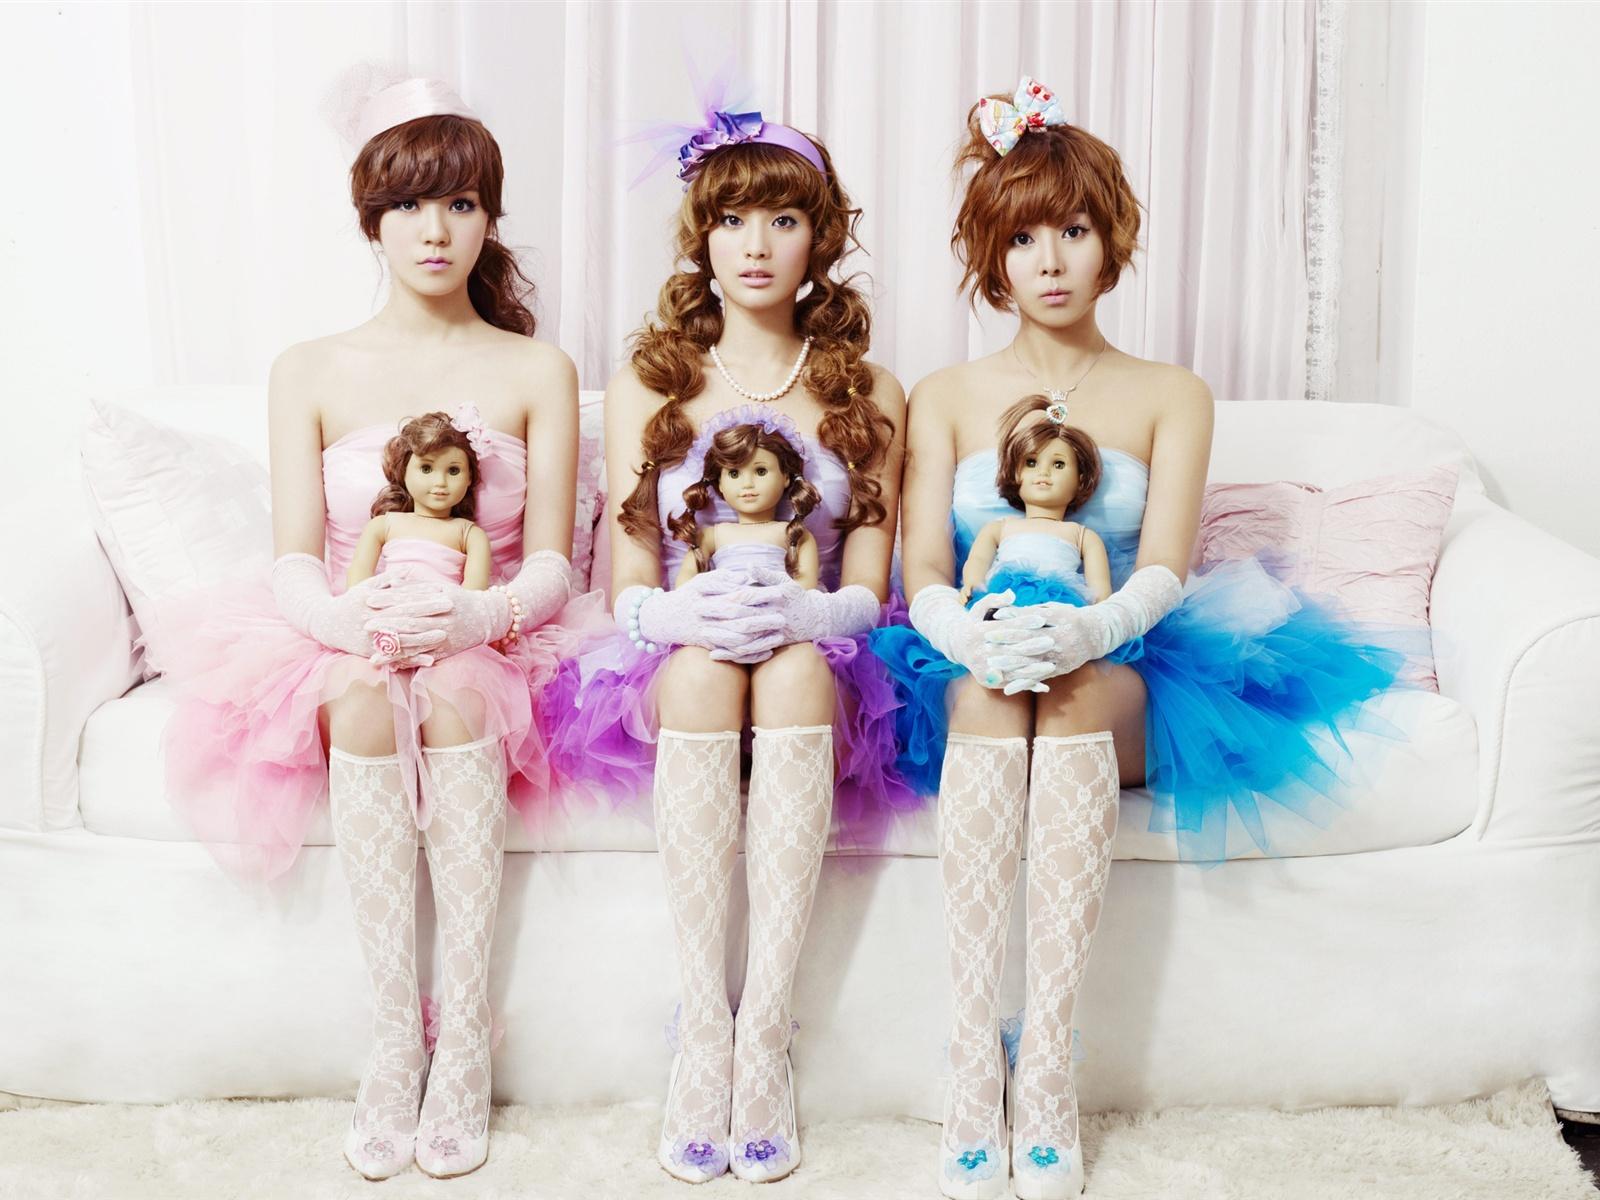 Orange caramel korean music group beautiful girls wallpaper orange caramel korean music group beautiful girls wallpaper 1600x1200 voltagebd Gallery